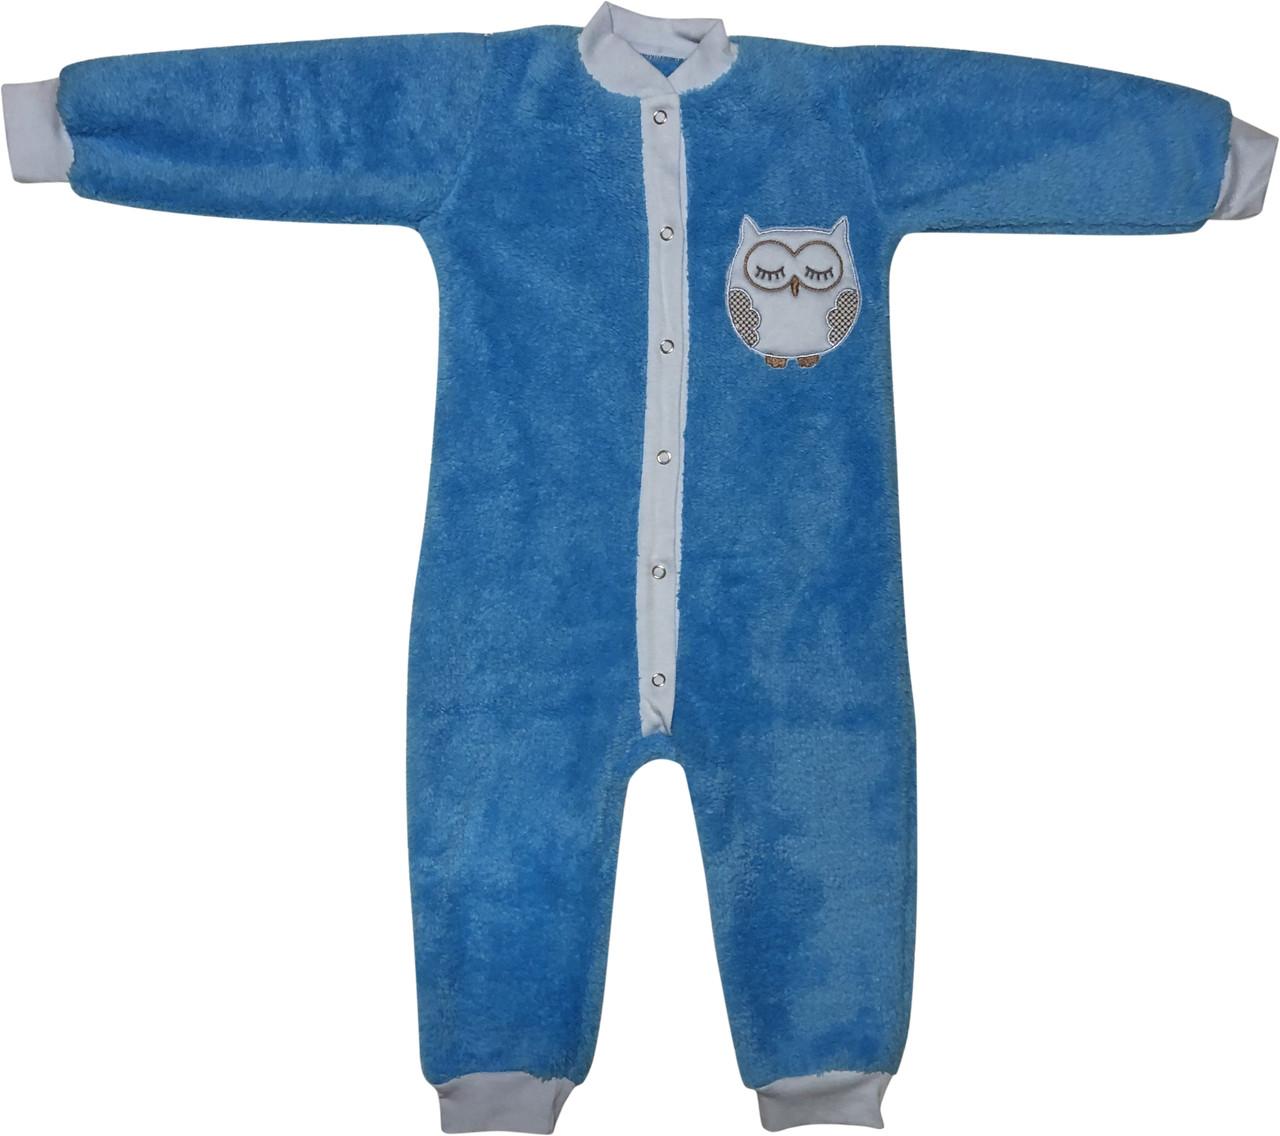 Тёплый человечек слип на мальчика рост 92 1,5-2 года для малышей махровый детский с отрытыми ножками голубой